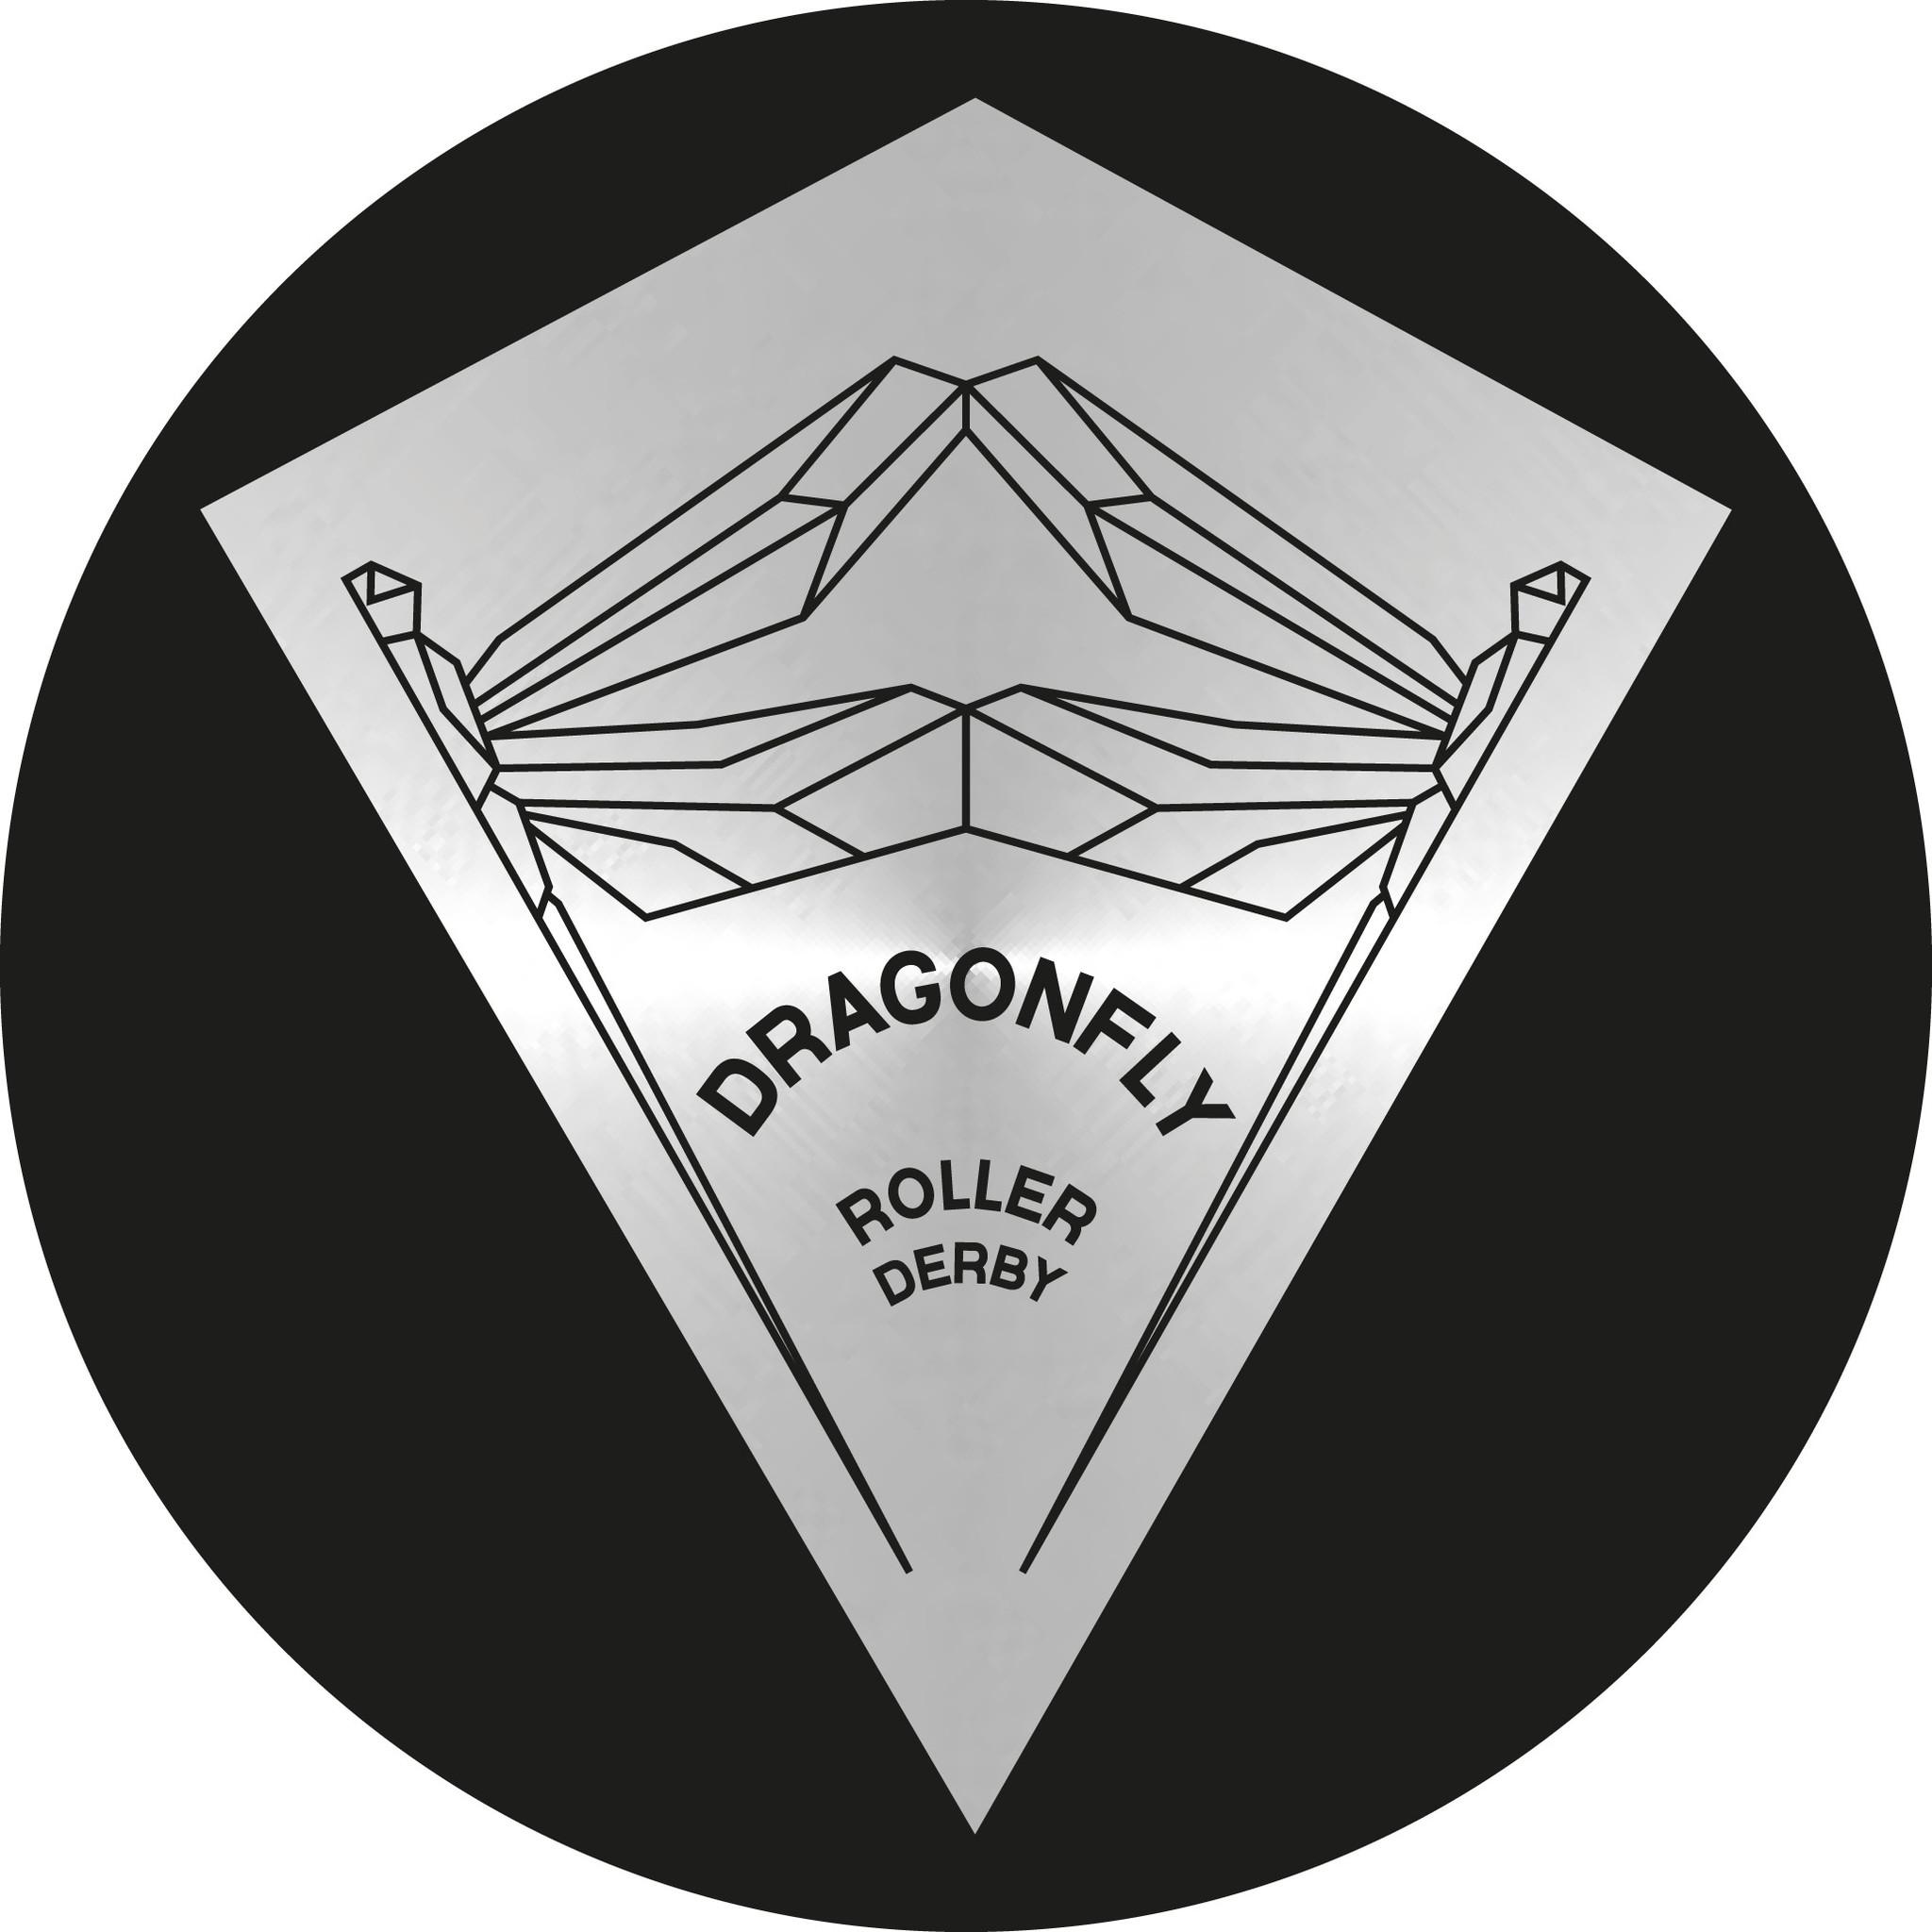 Logo Dragonfly Roller Derby Almada Portugal